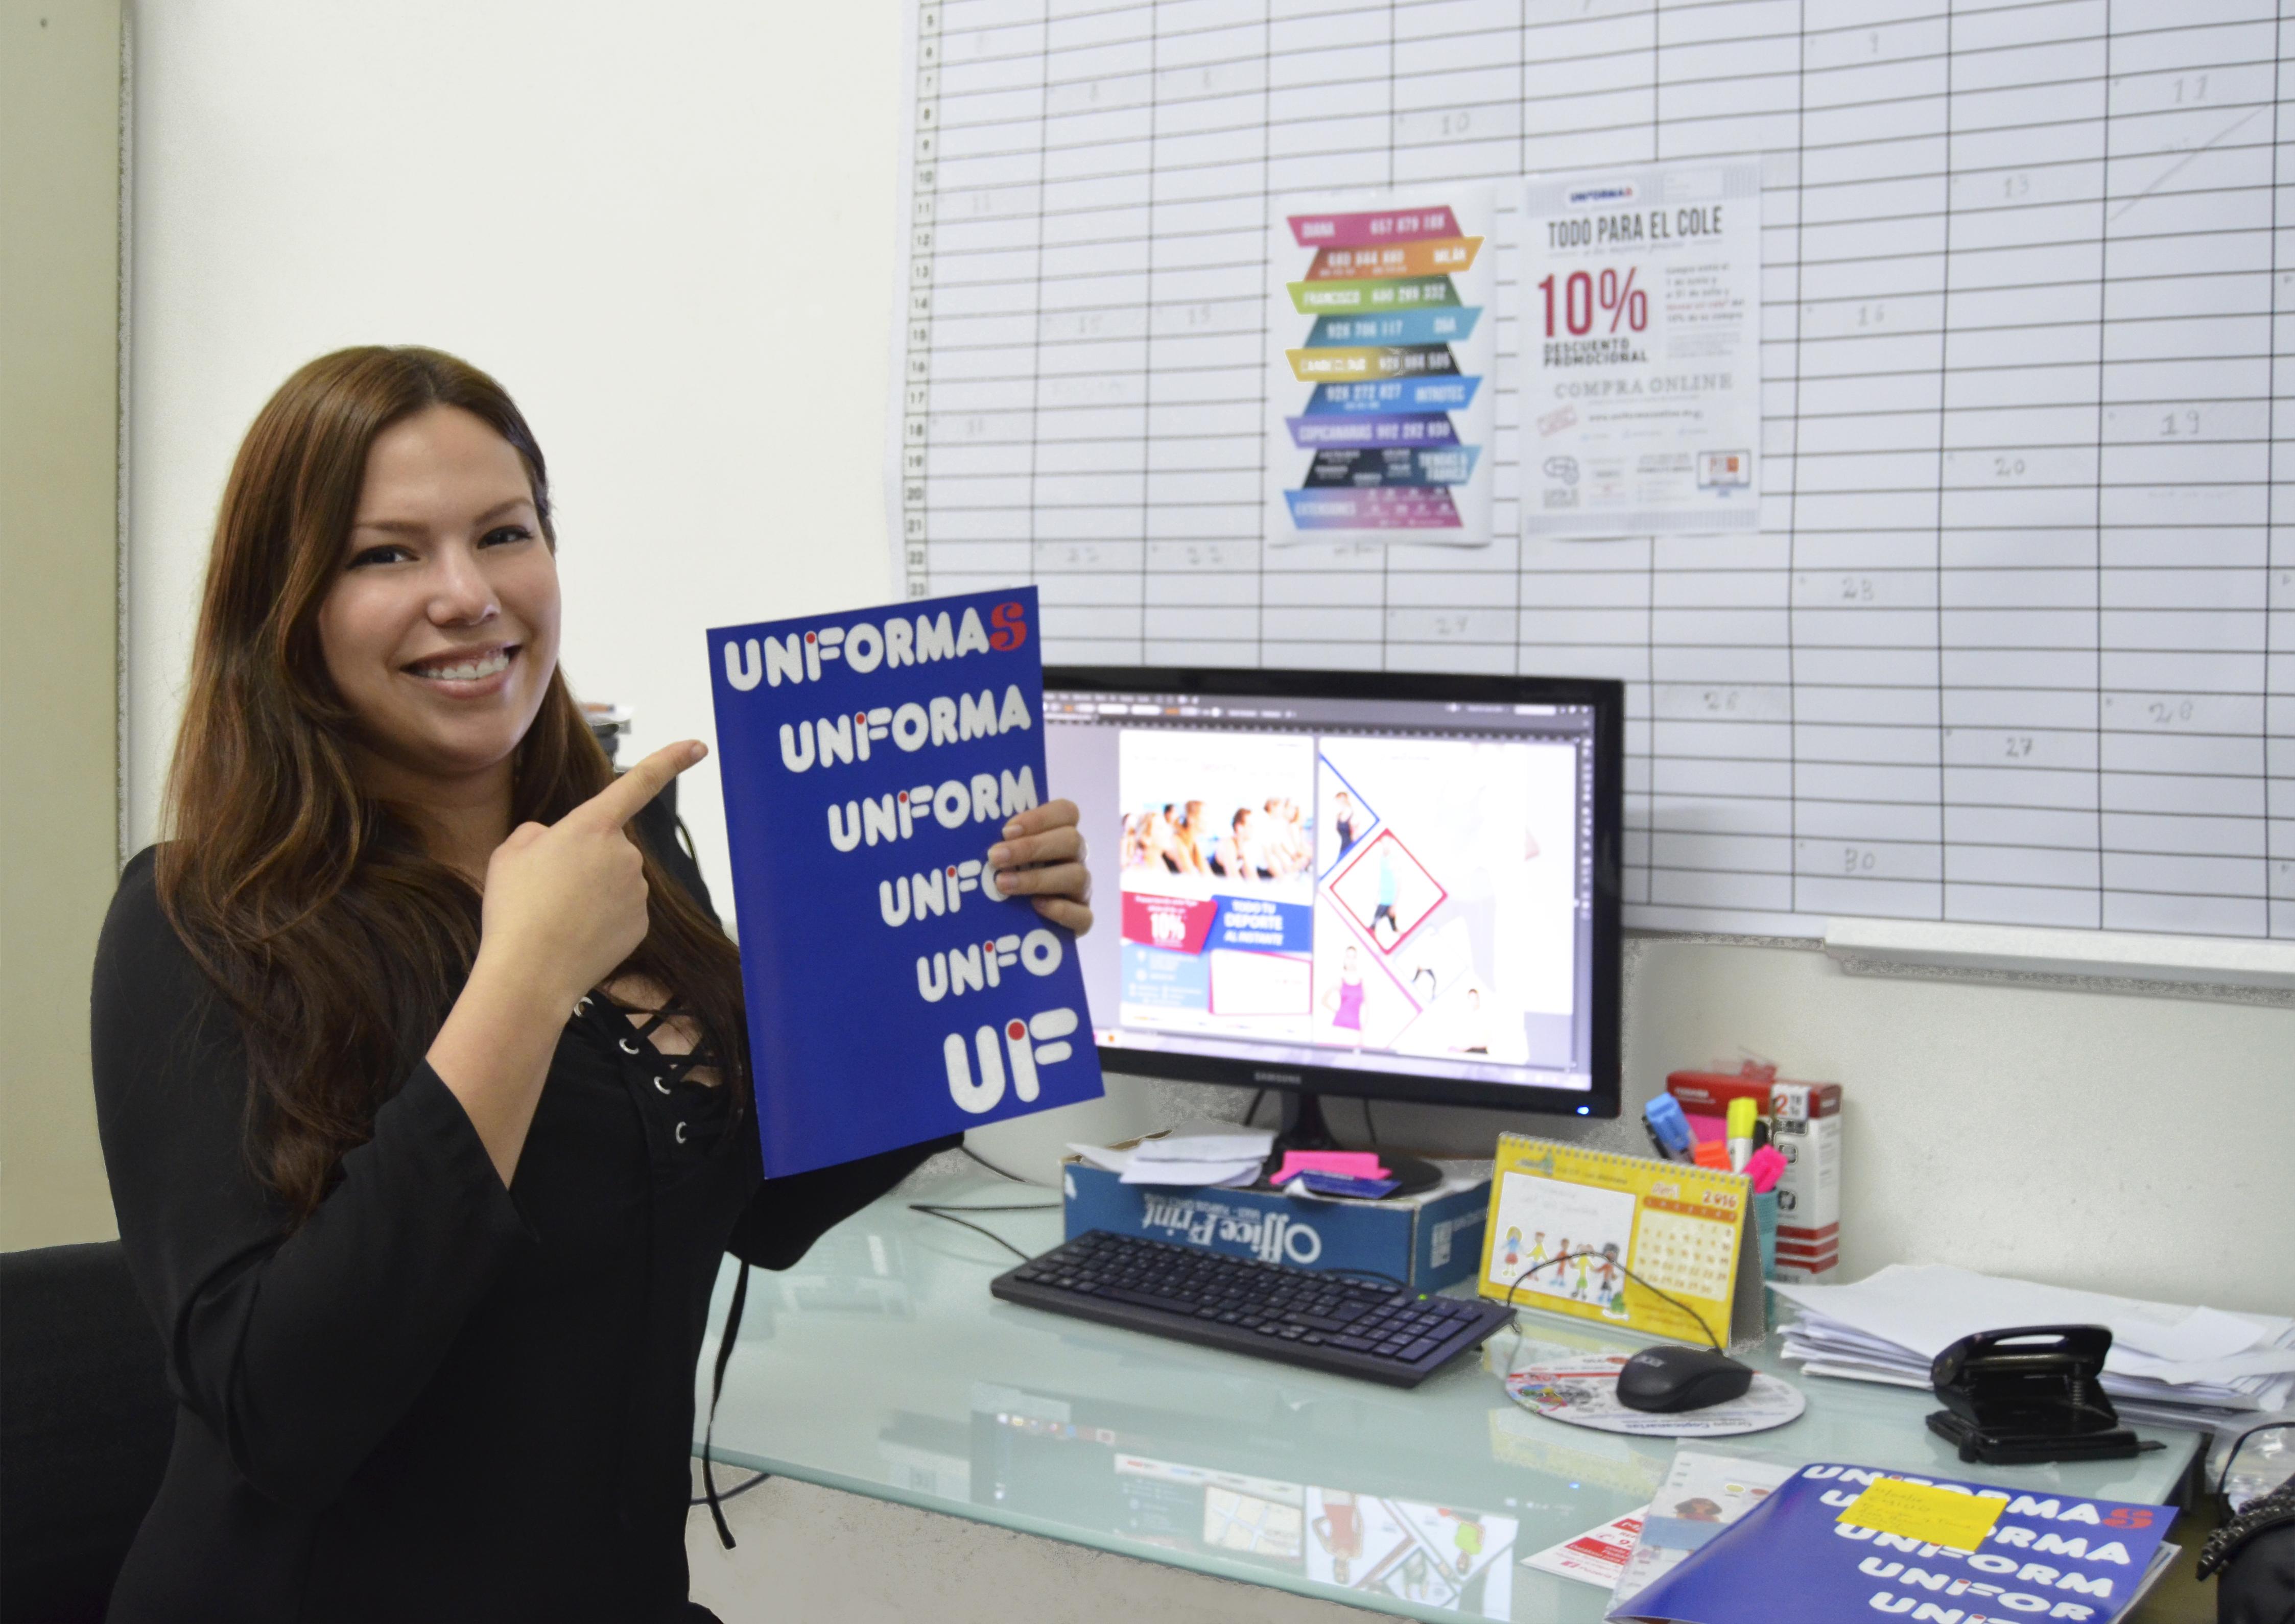 Nuestra Diseñadora, Leah - Uniformas